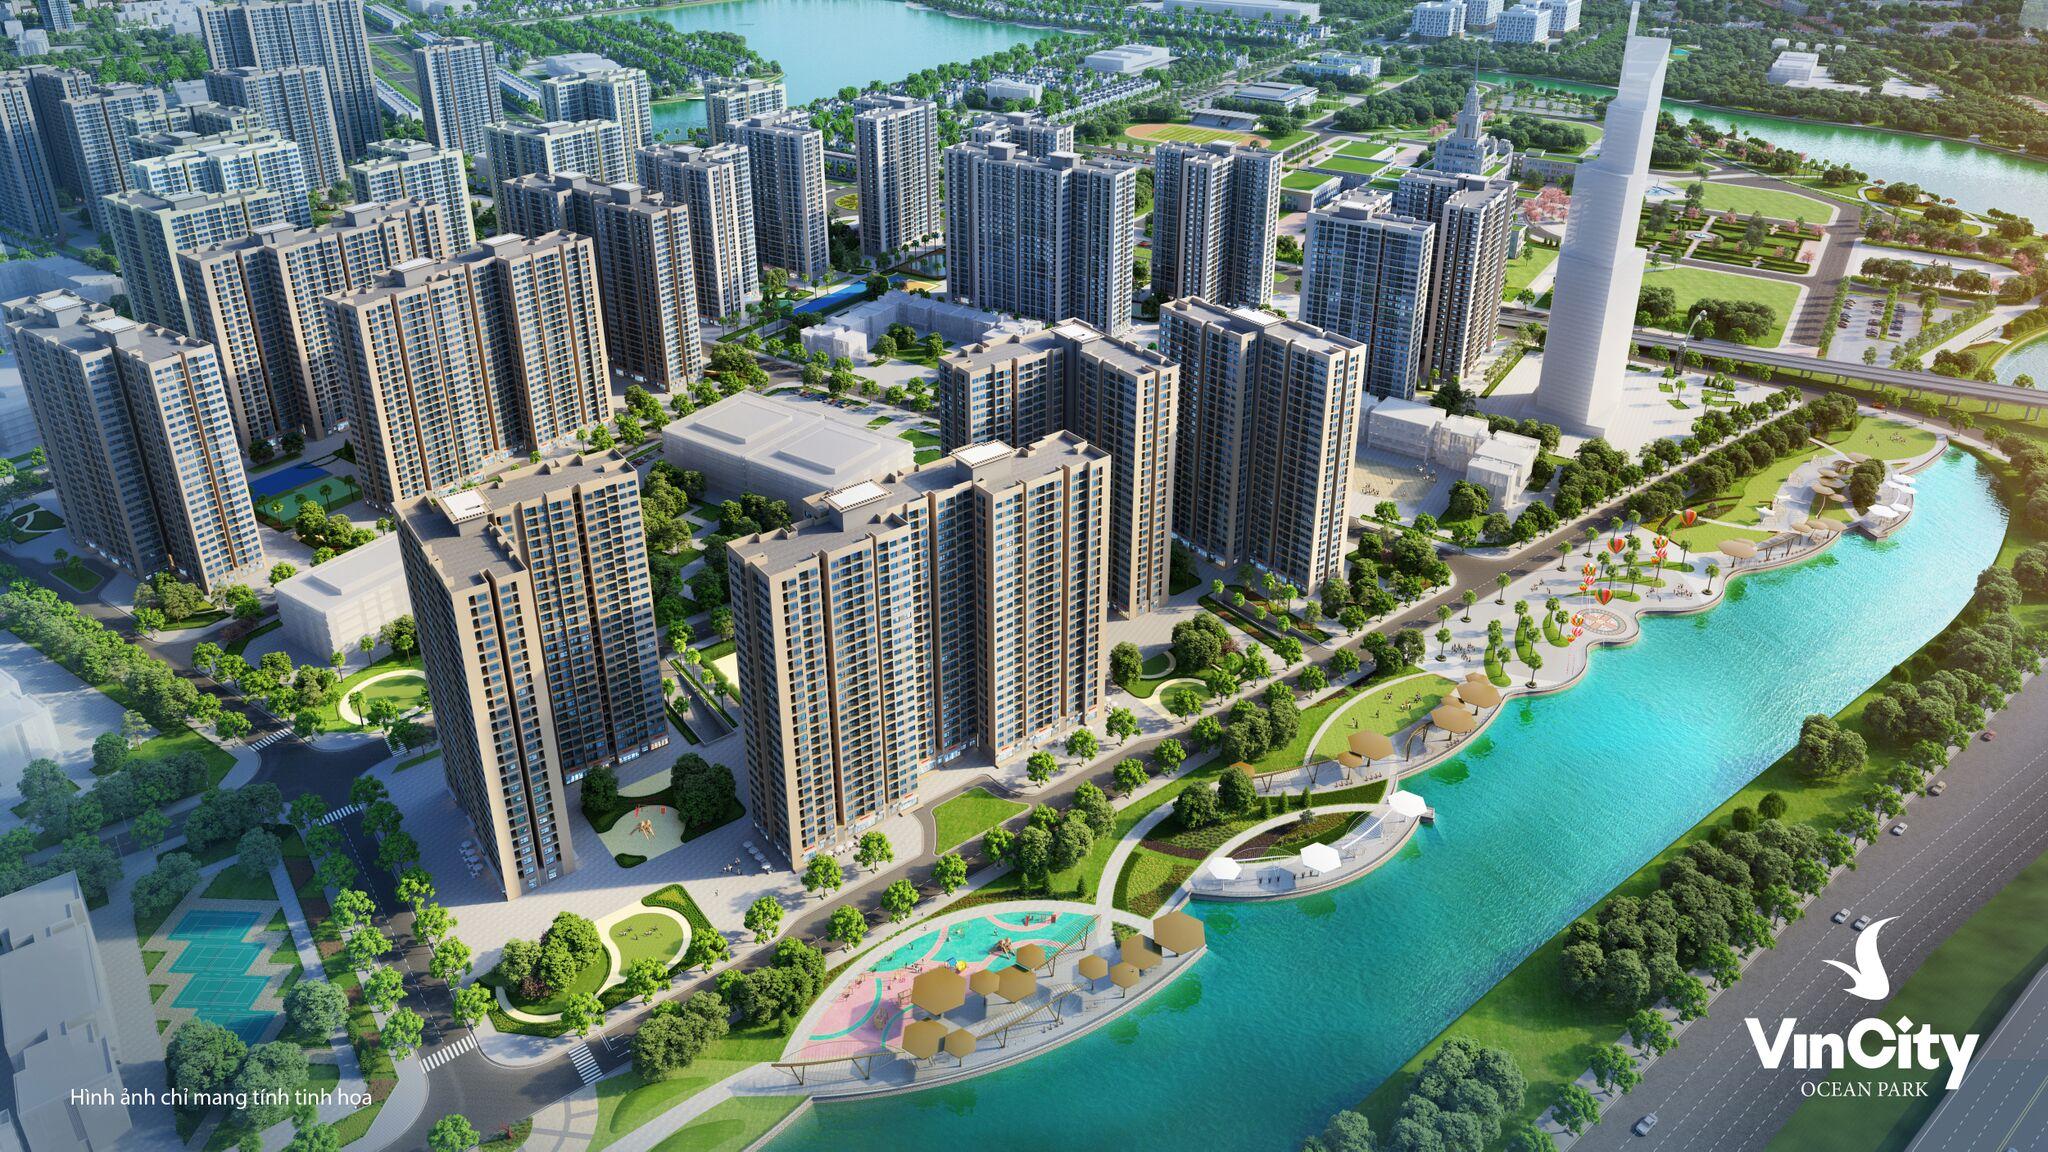 Tiện ích nội khu đạt chuẩn quốc tế tại khu đô thị Vincity Gia Lâm